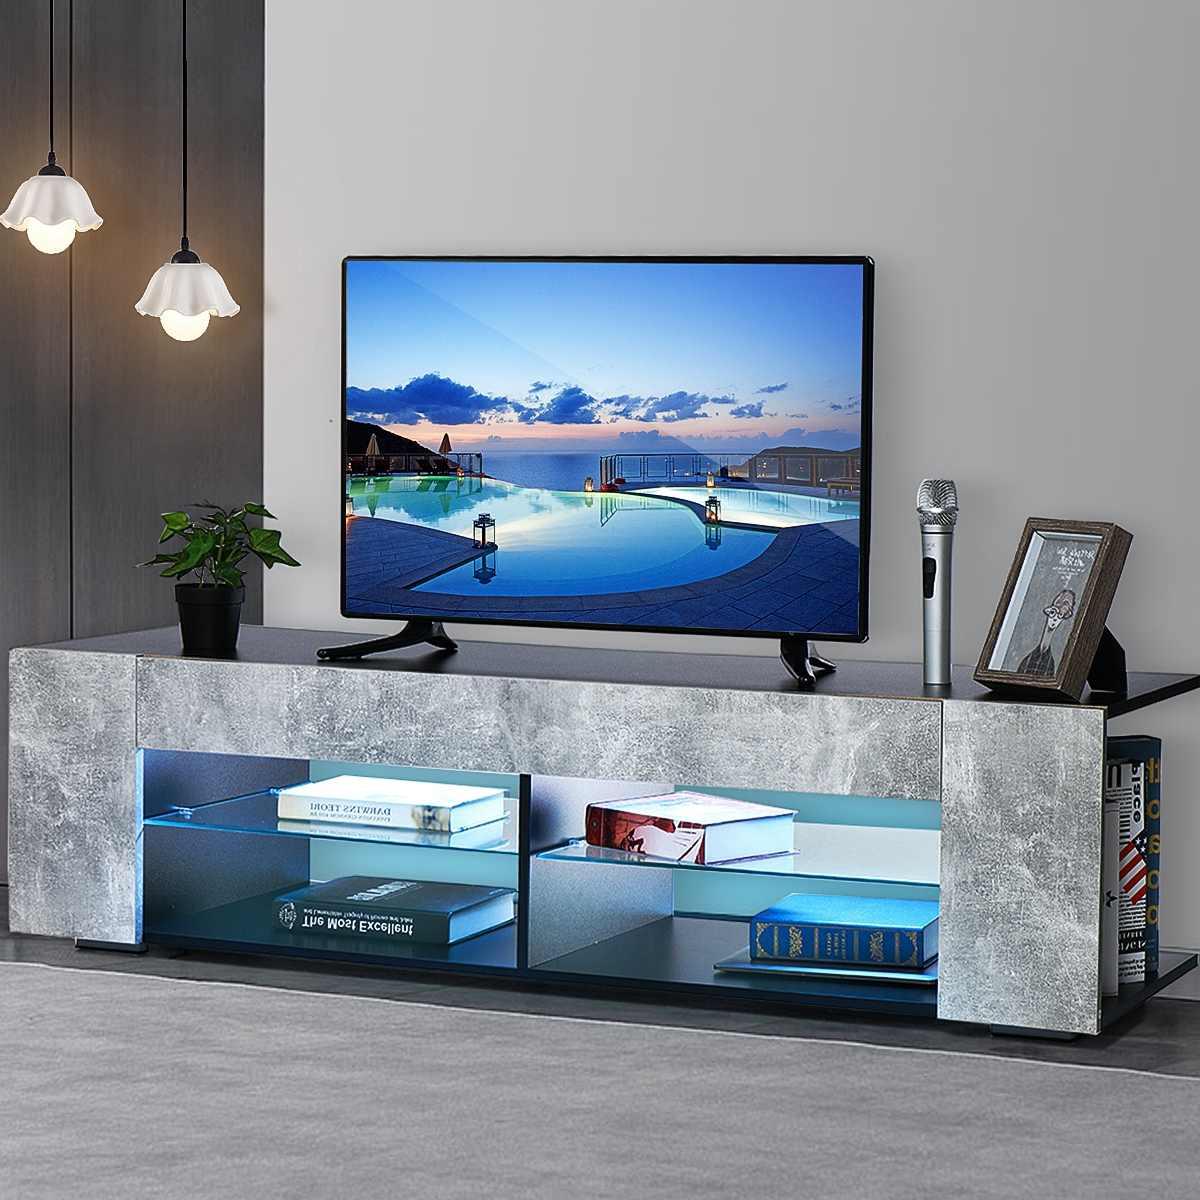 خزانة تلفزيون LED 57 بوصة ، حامل تلفزيون حديث ، وحدة تحكم تلفزيون Meuble لغرفة المعيشة ، أثاث منزلي ، شحن أمريكي